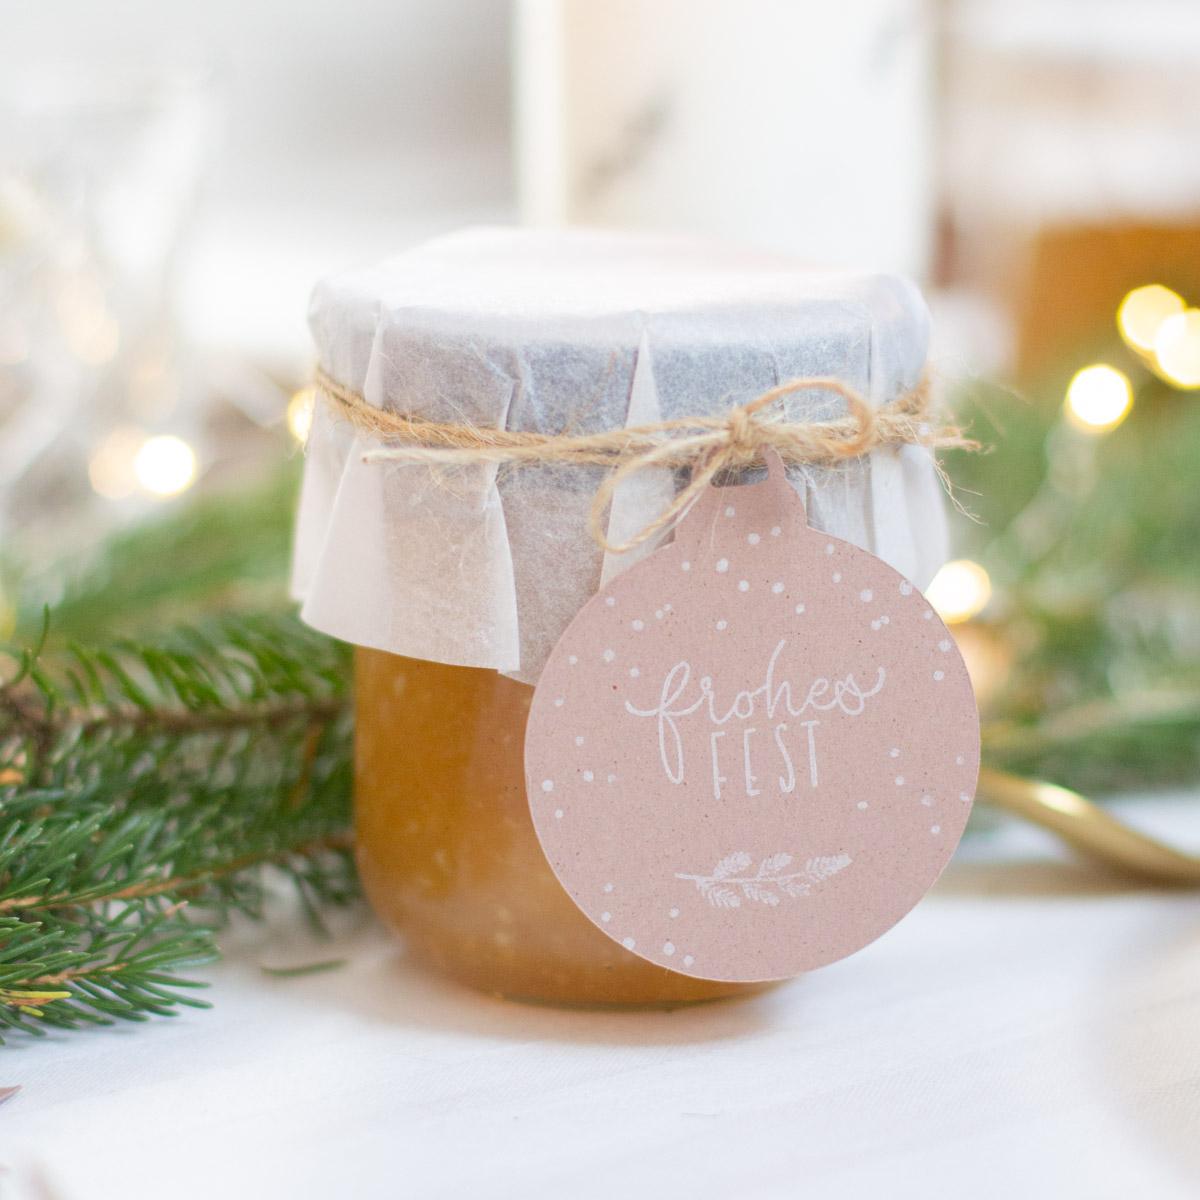 Bratapfelmarmelade als DIY Geschenke - mit Rezept und Verpackungsidee